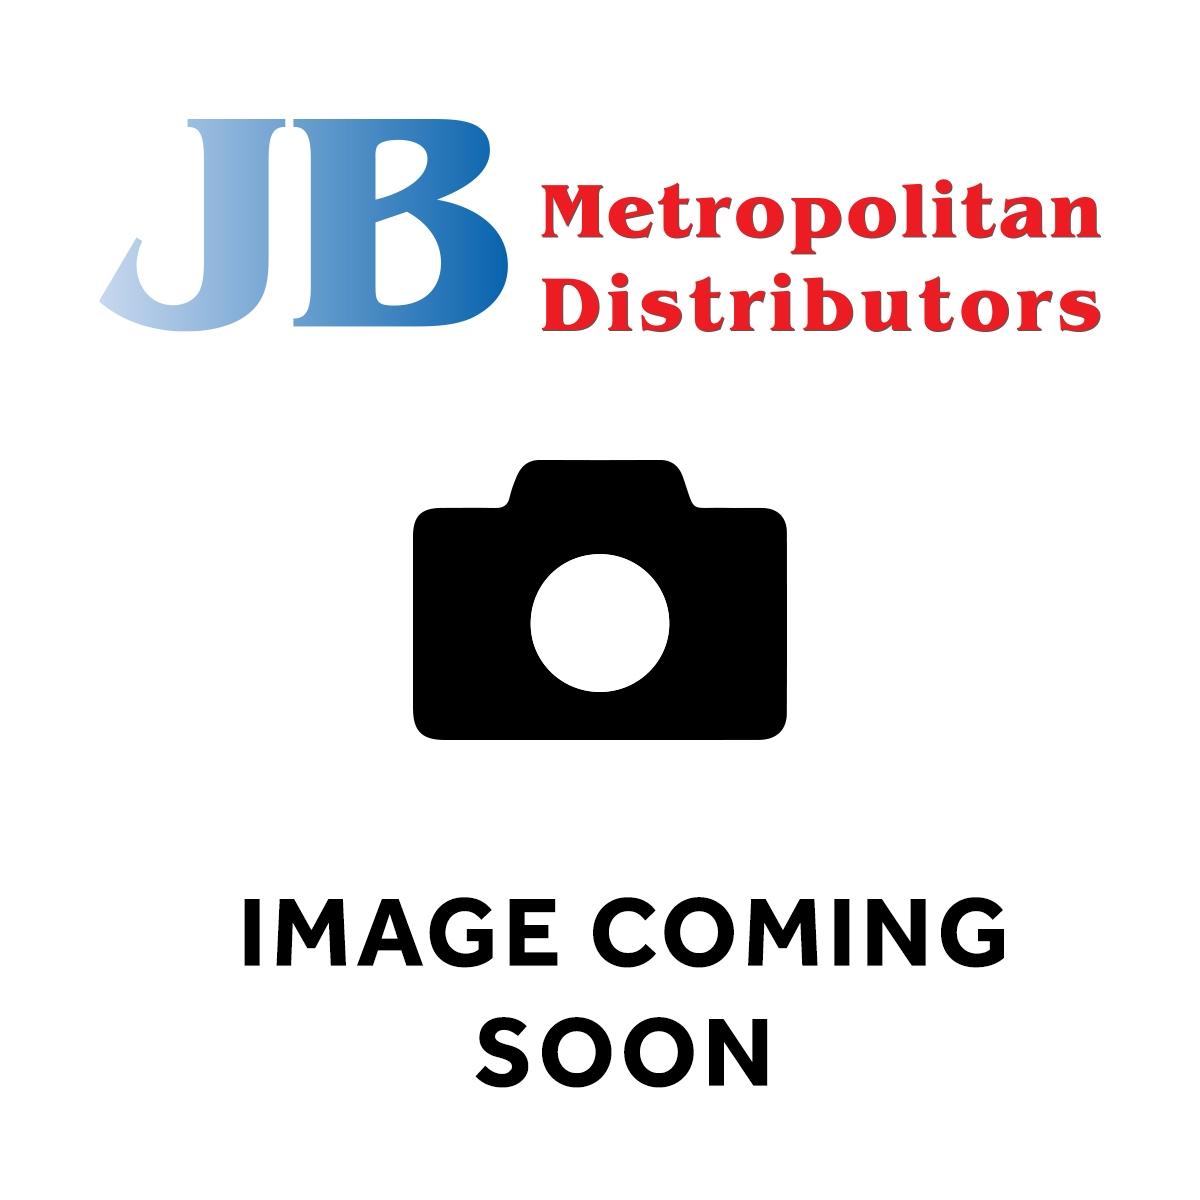 175G KETTLE CHIPS SEA SALT & VINEGAR